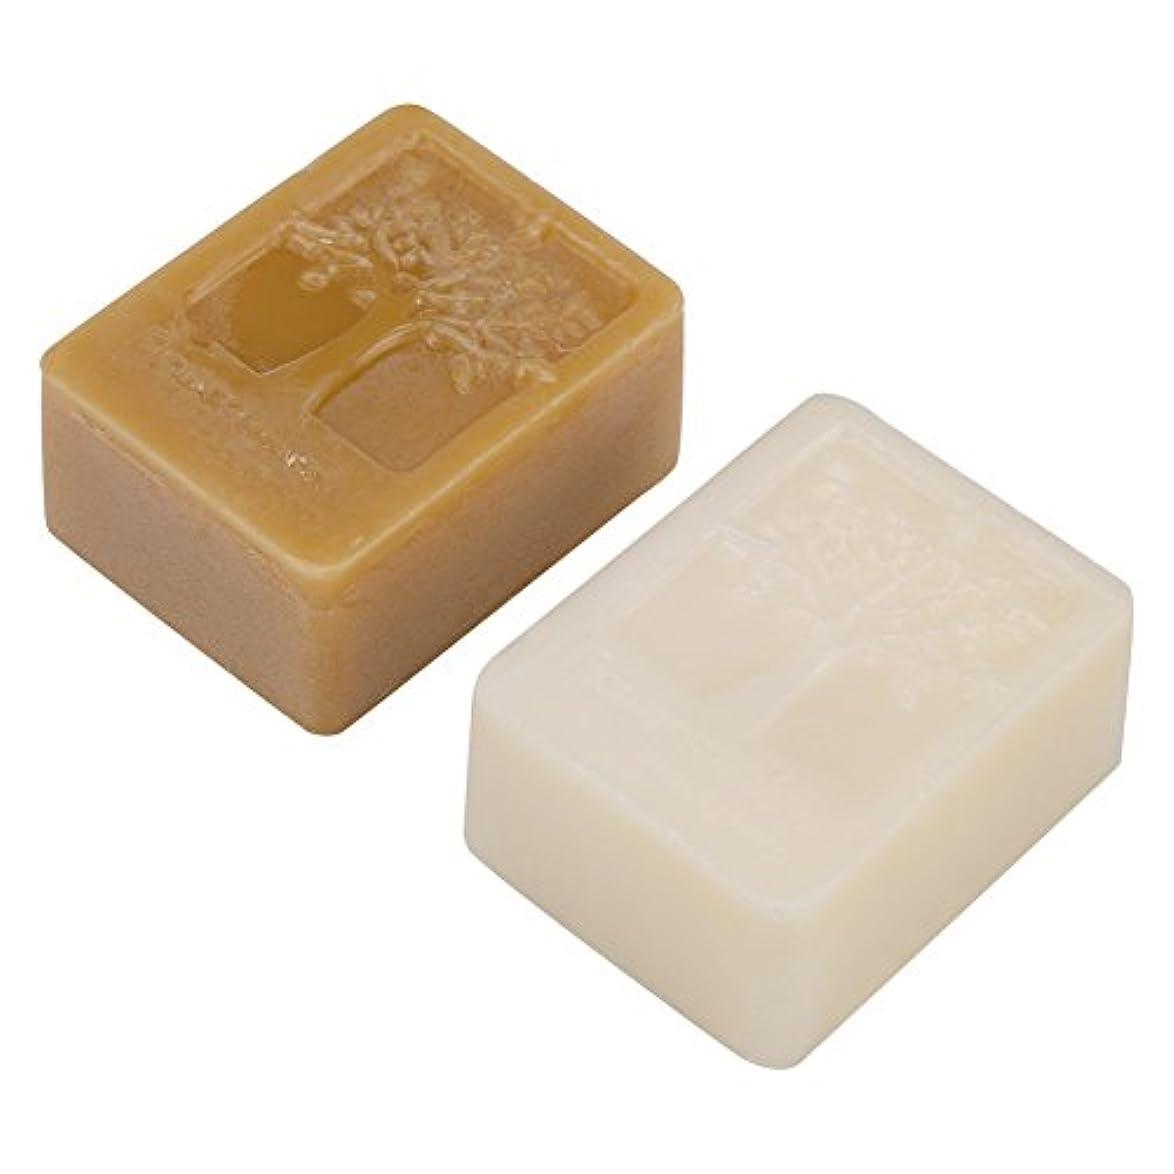 暴徒徹底食欲純粋な100g / 3.5oz白い蜜蝋ブロック+ 100g / 3.5oz黄色の蜜蝋石鹸、食品等級